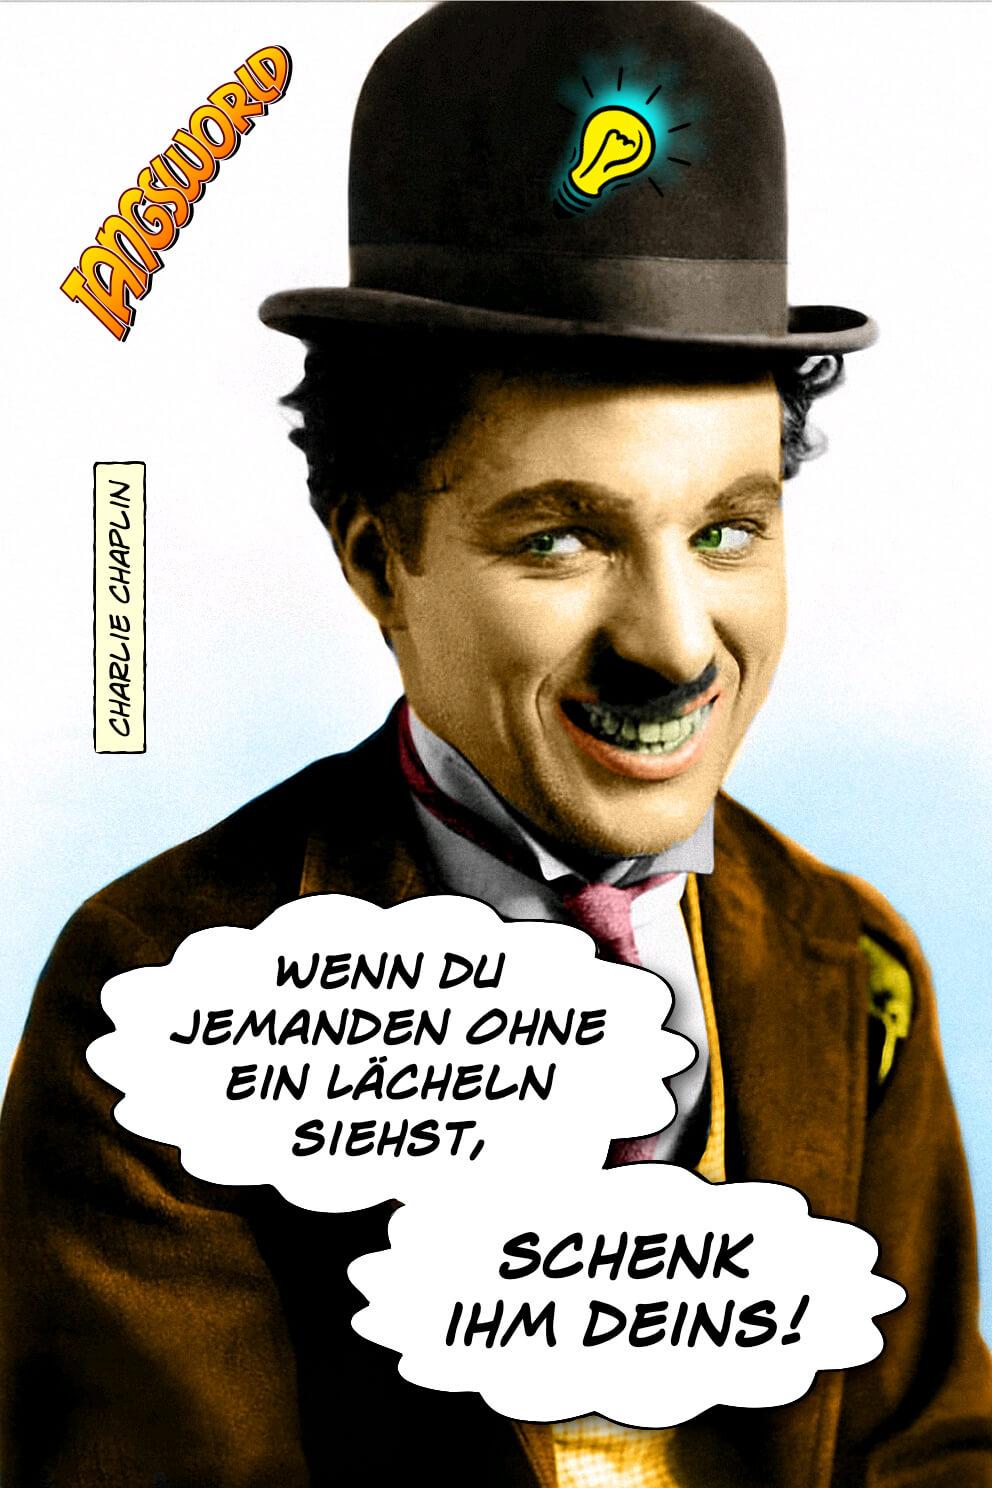 Wenn du jemanden ohne ein Lächeln siehst, schenk ihm deins! - Geistesblitze | Charlie Chaplin